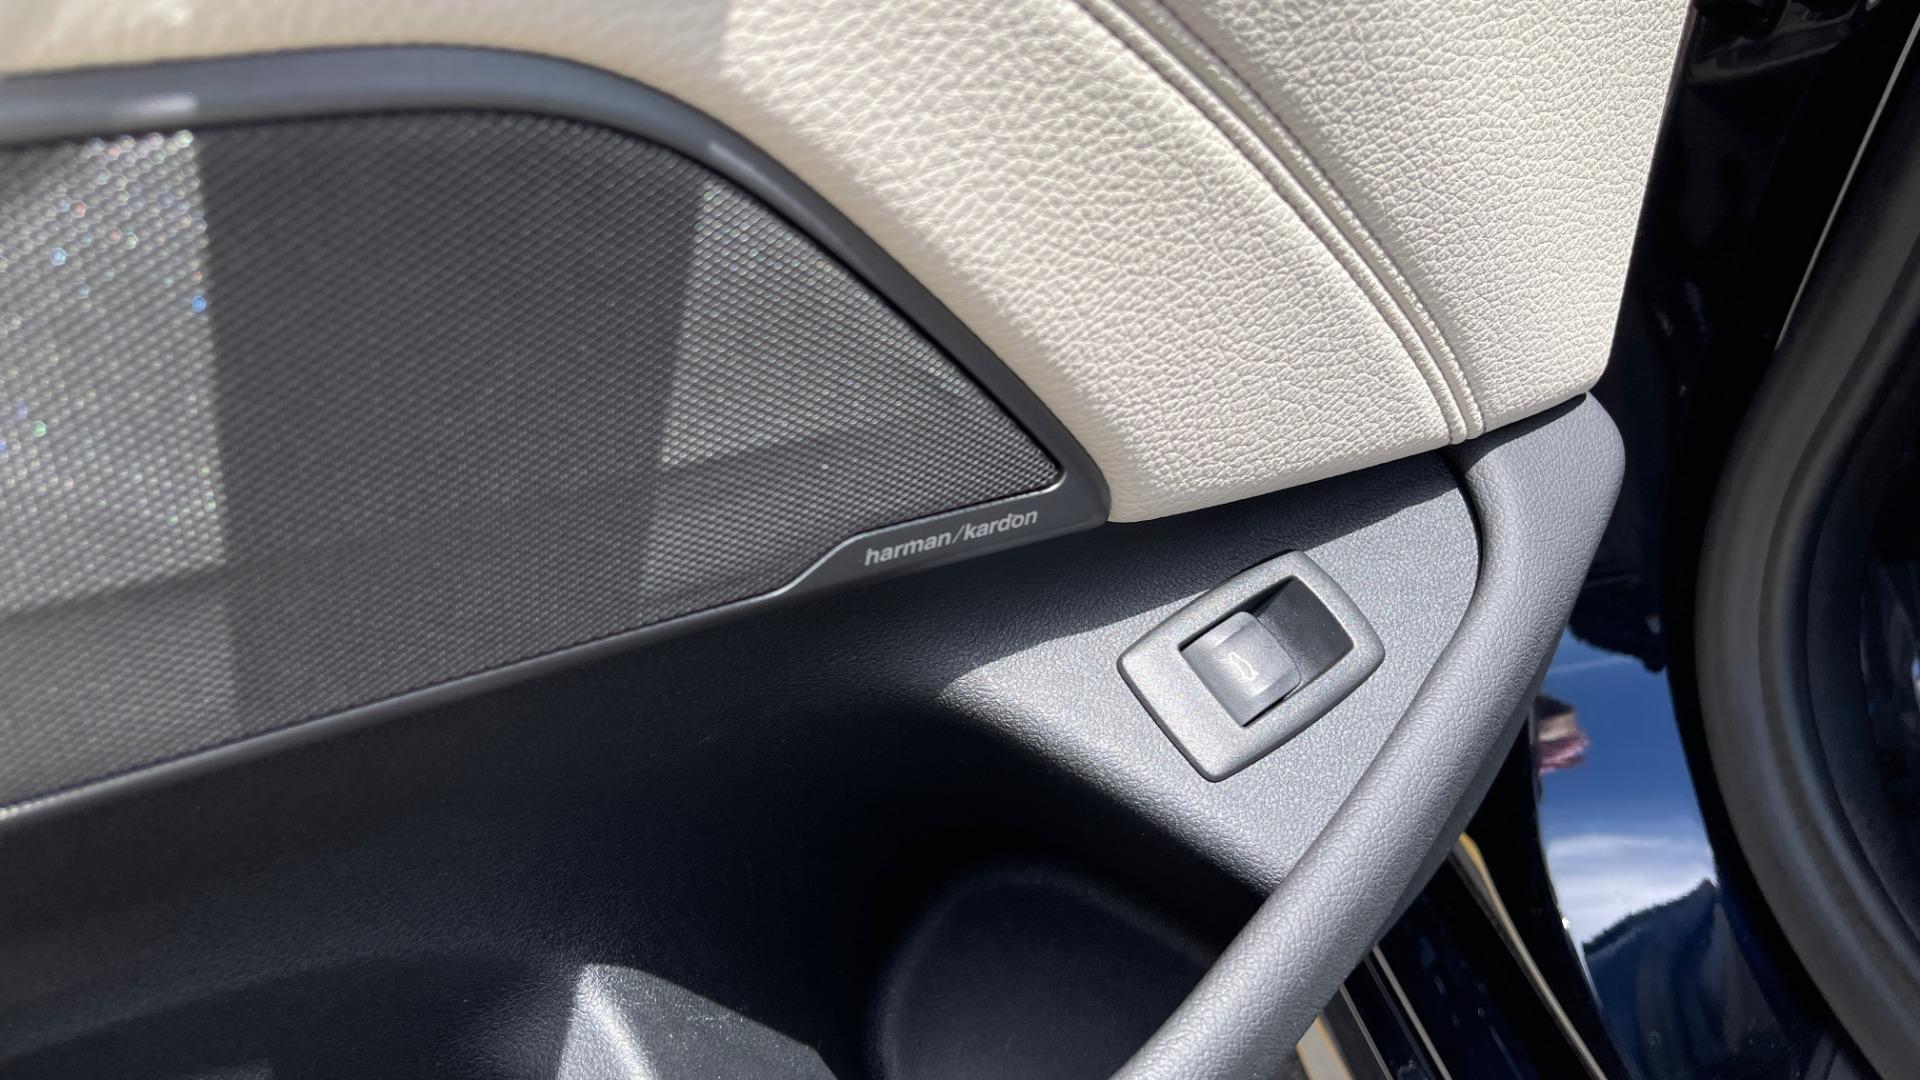 Used 2018 BMW 5 SERIES 540I M-SPORT / EXECUTIVE PKG / DRVR ASST PKG / BLIND SPOT / LANE DEPART for sale $40,995 at Formula Imports in Charlotte NC 28227 35